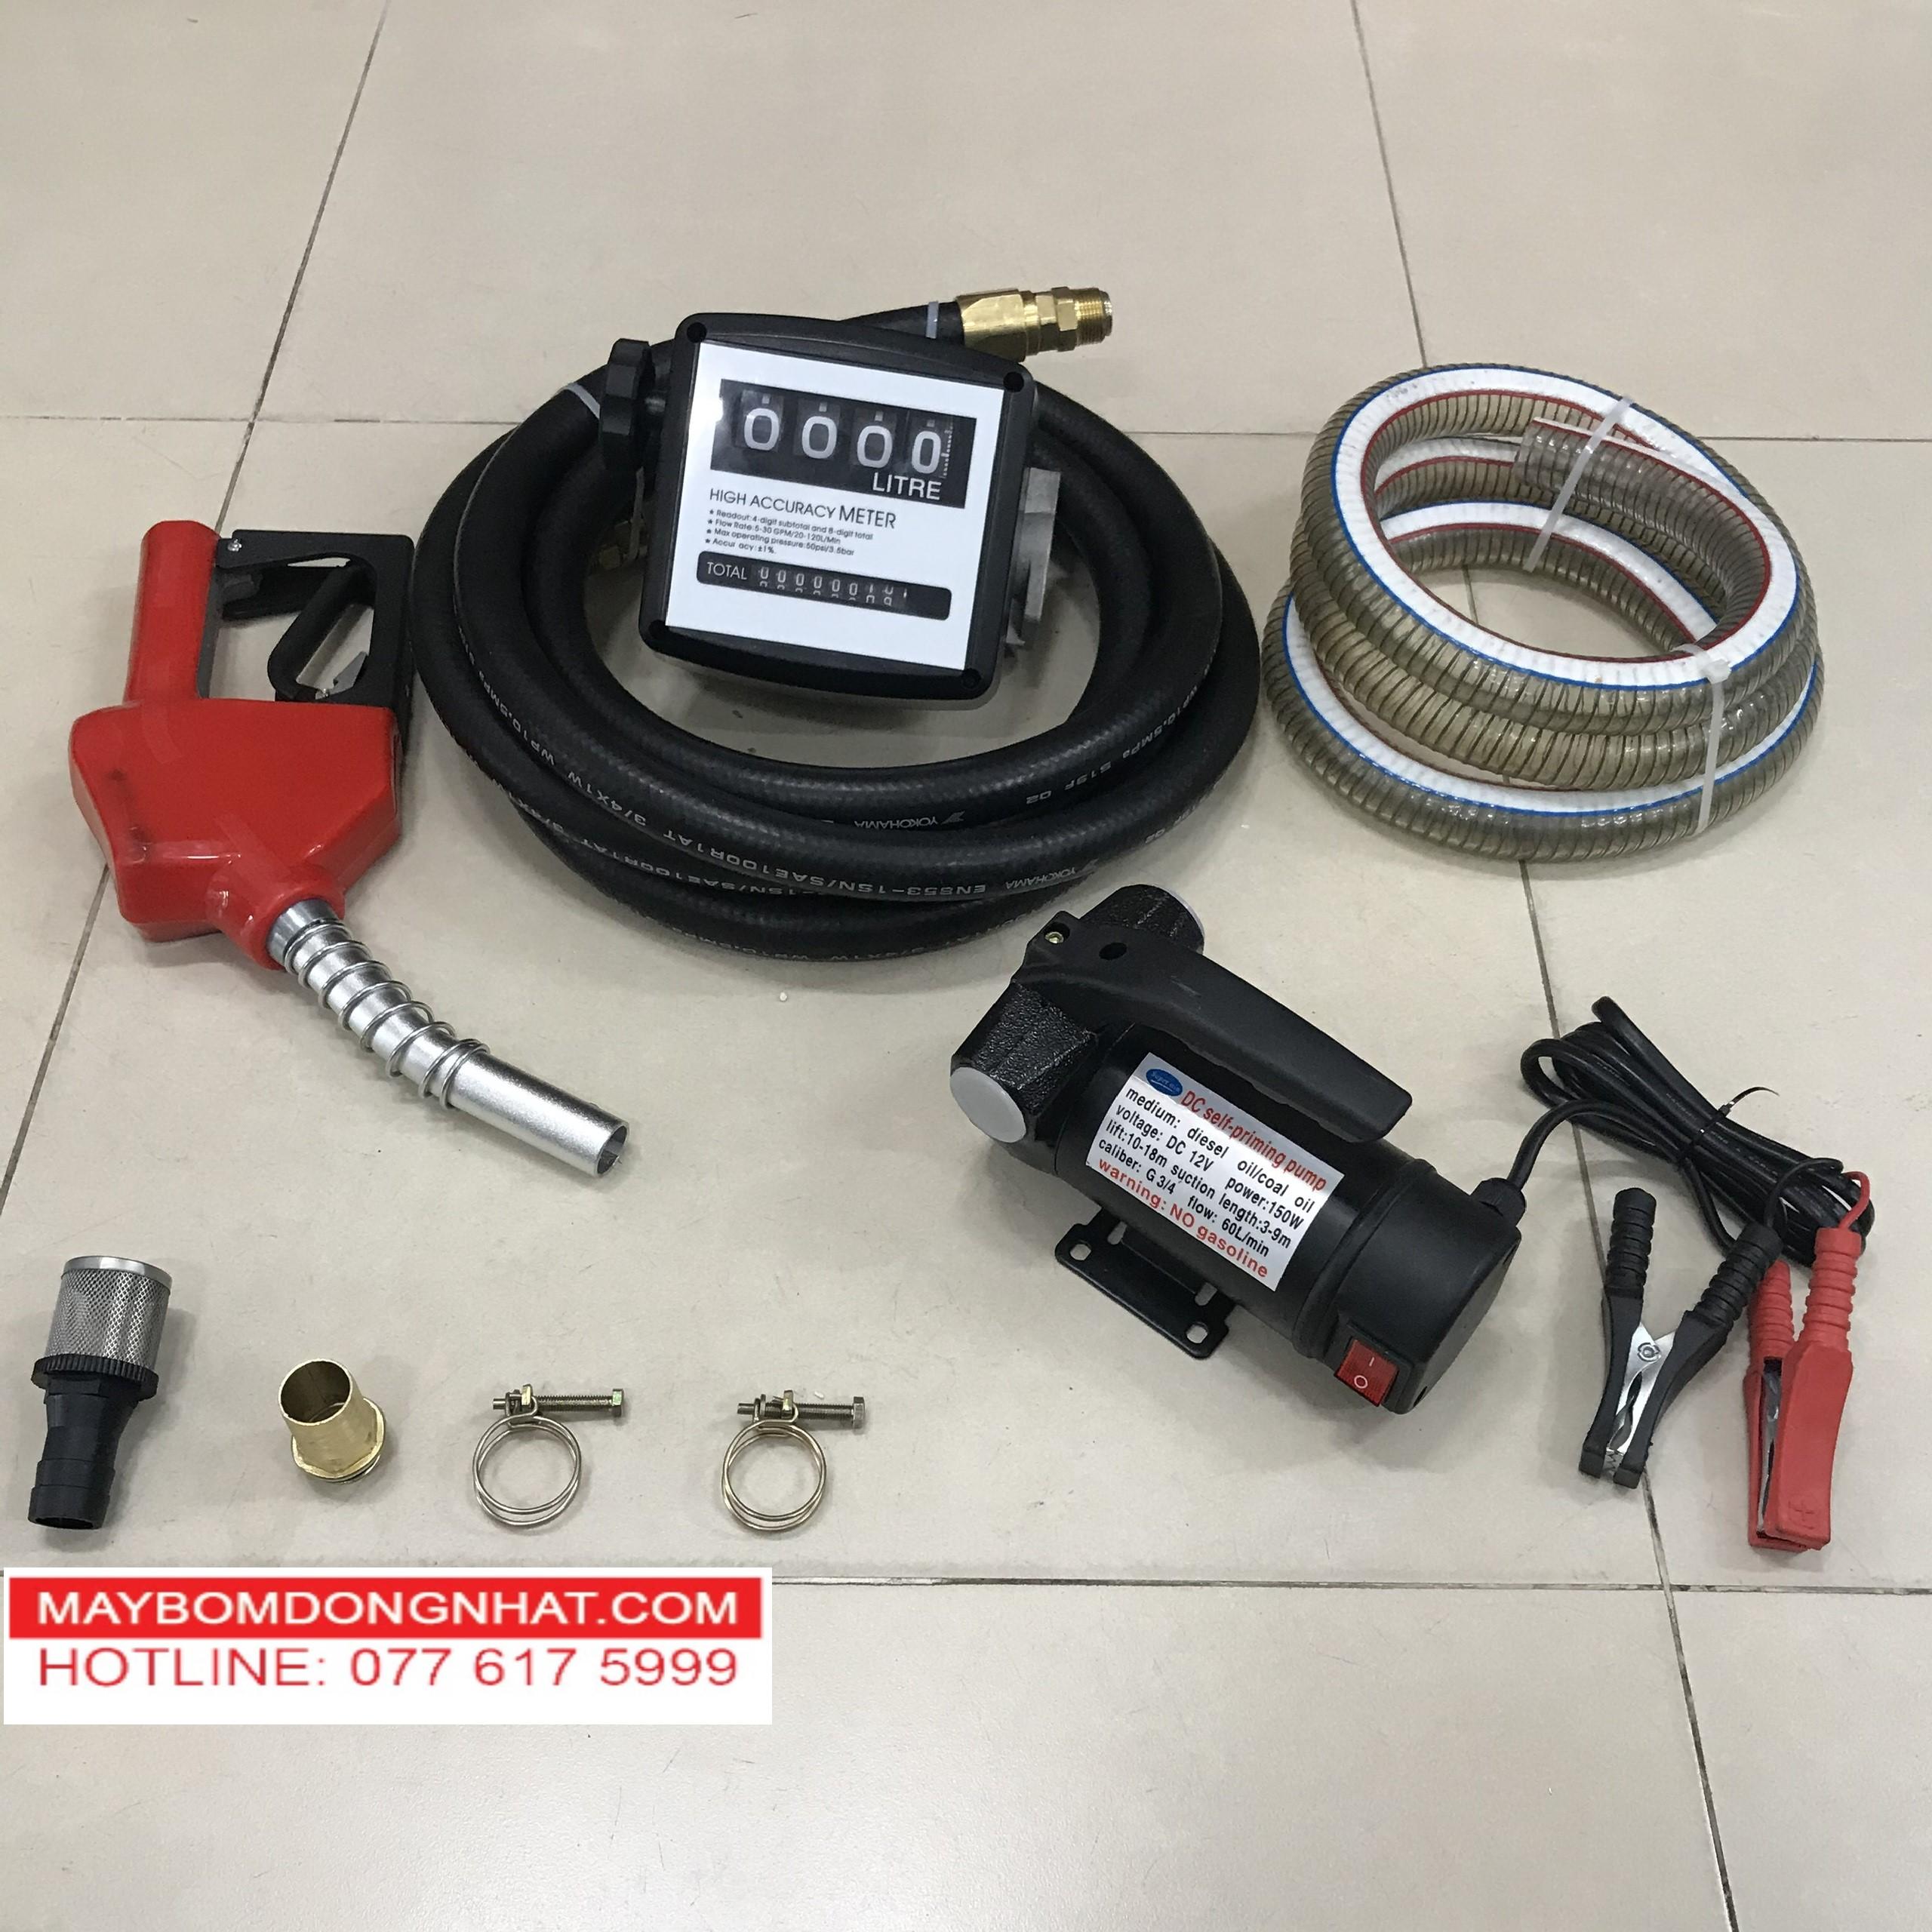 Bộ bơm dầu nhớt -LK 12V-150w-70L/P(Có đồng hồ đo lưu lượng)